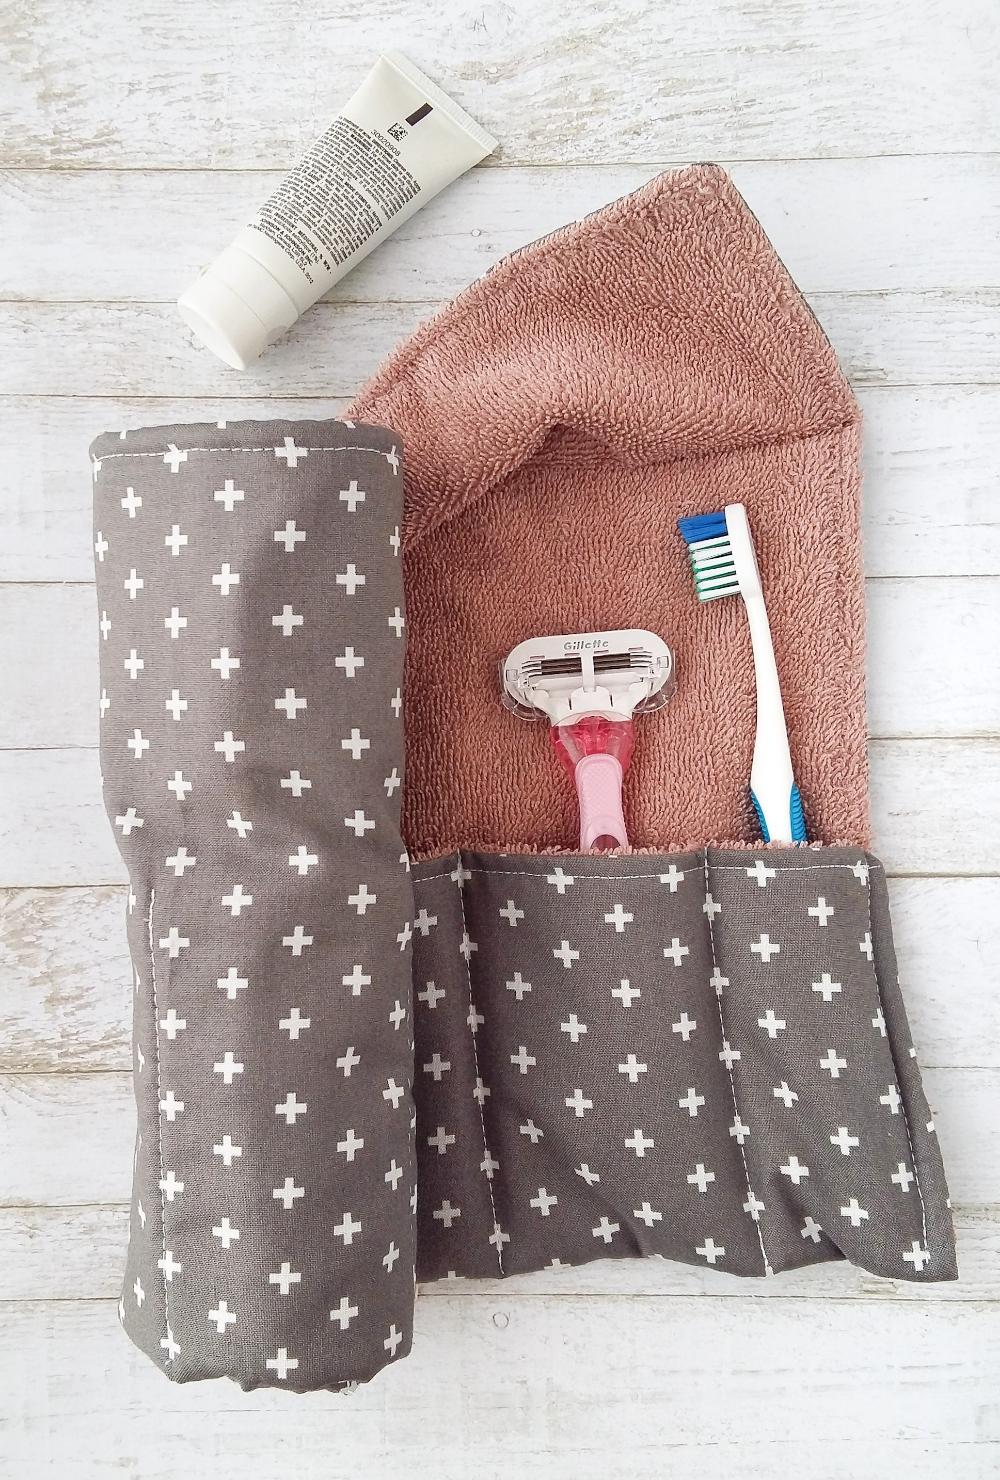 Emballage de voyage pour brosse à dents bricolage | Le nichoir jaune   – Upcycle